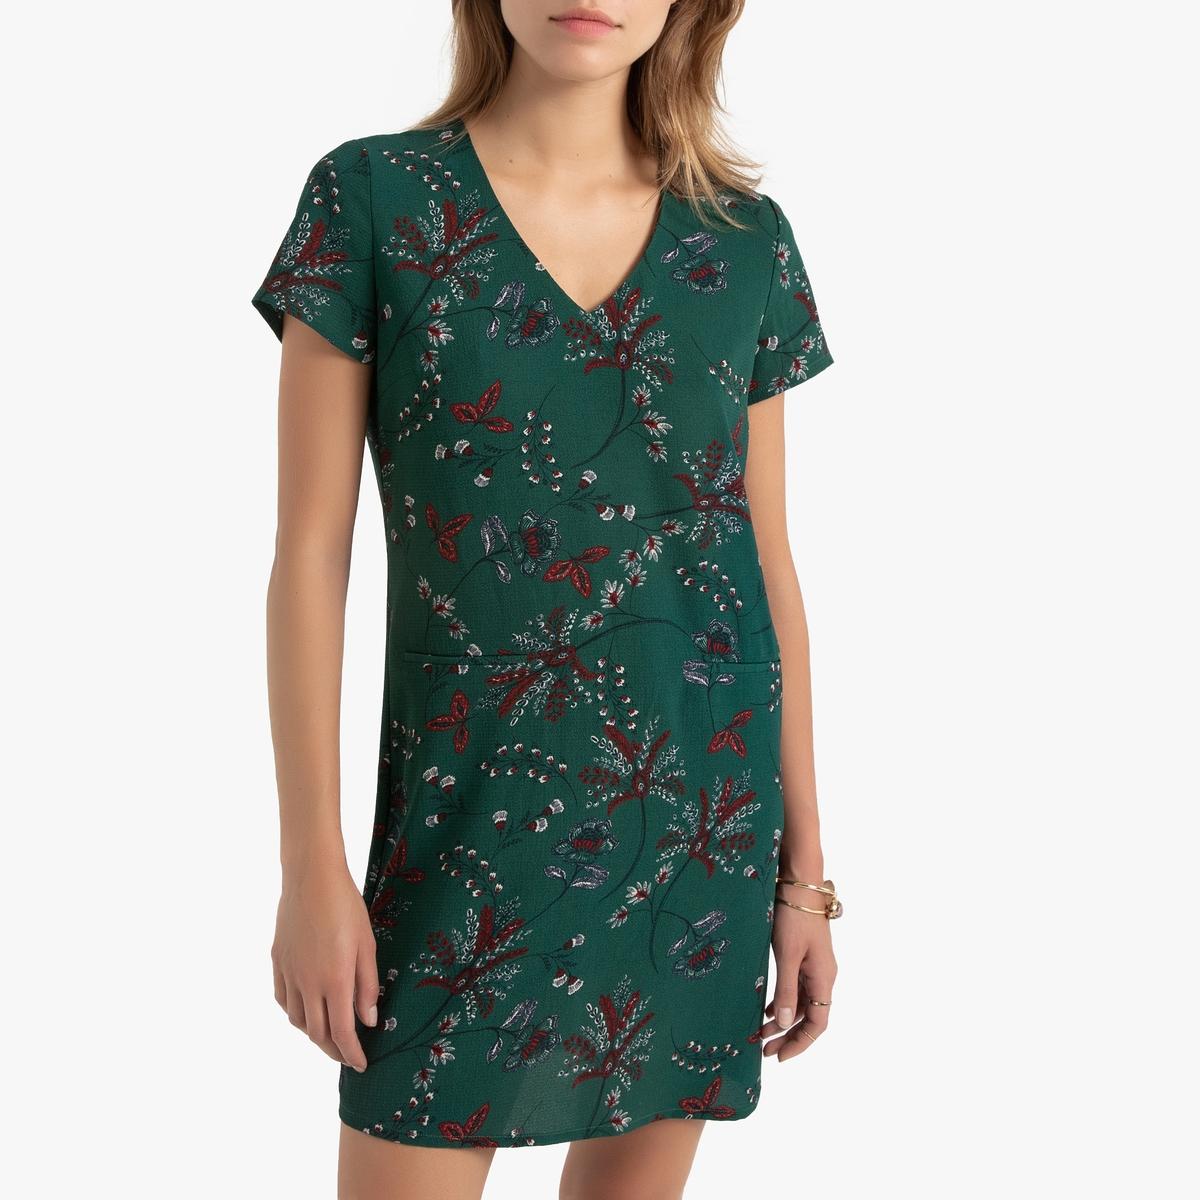 Платье La Redoute Прямое с цветочным рисунком и короткими рукавами 36 (FR) - 42 (RUS) зеленый платье la redoute прямое с цветочным рисунком и короткими рукавами 36 fr 42 rus зеленый